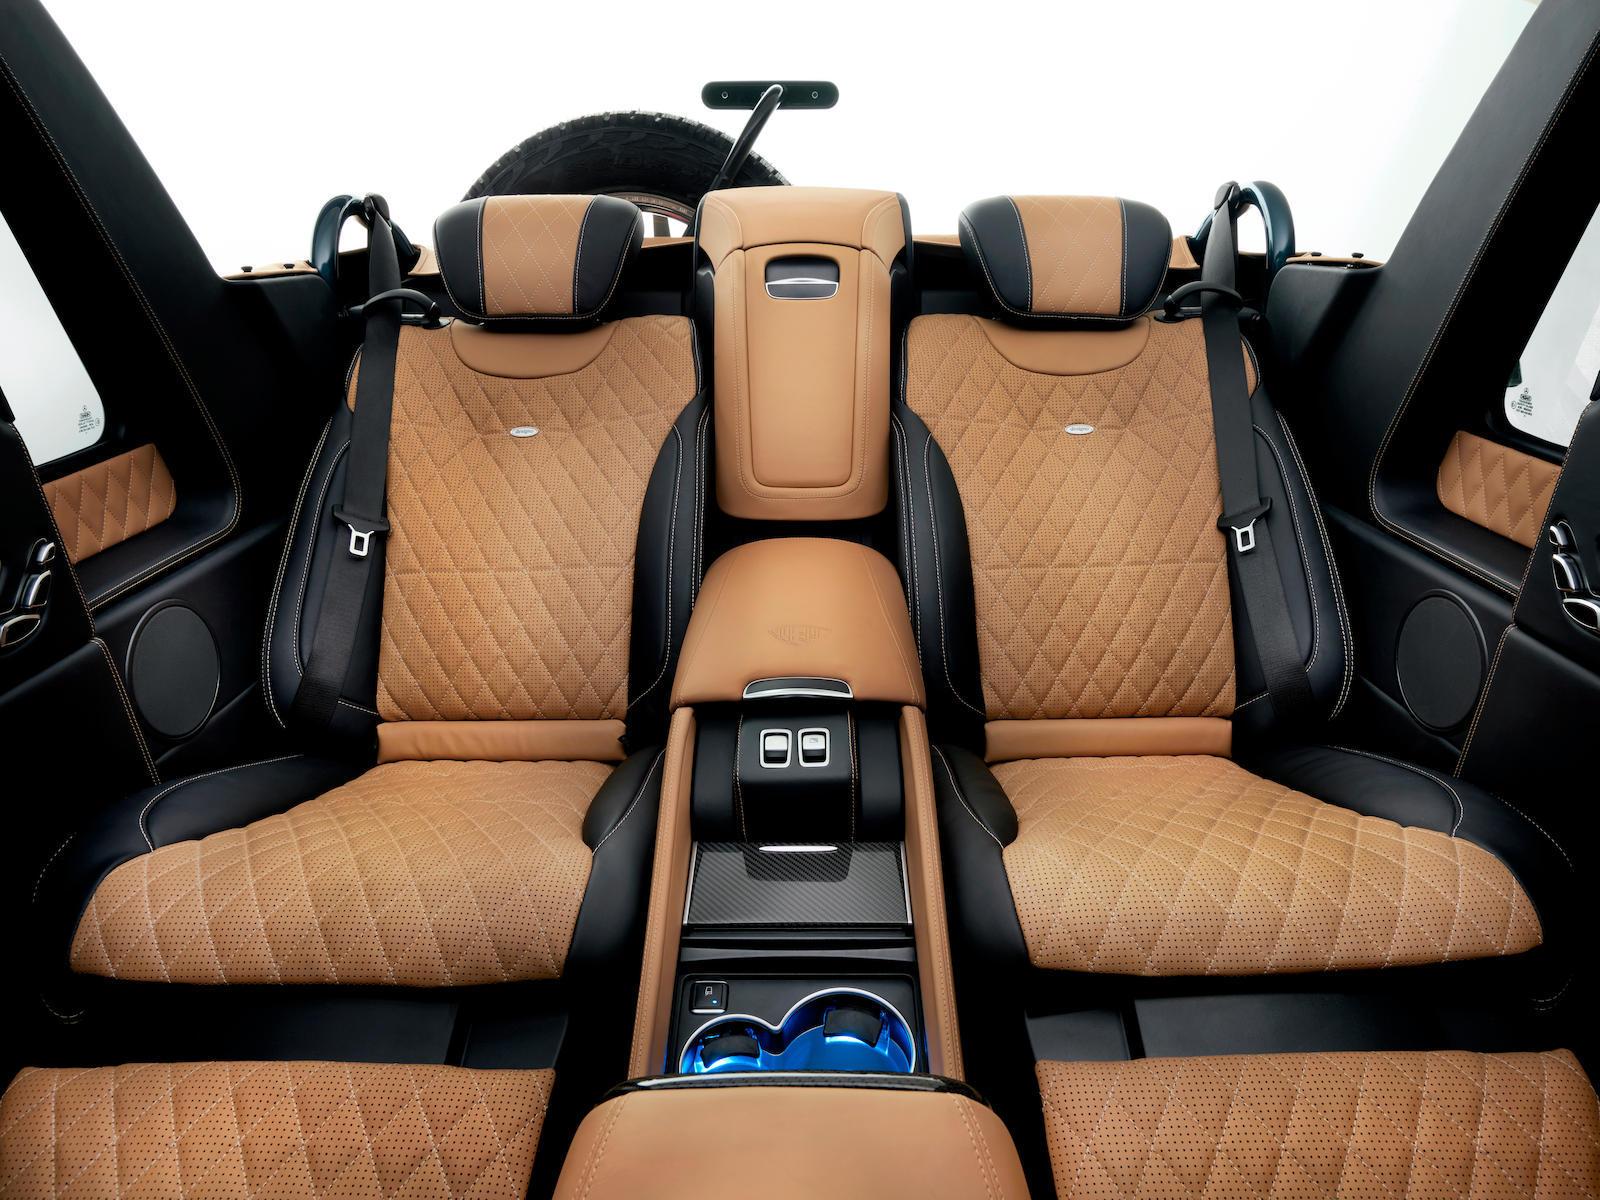 Ultimul Maybach G650 Landaulet - Ultimul Maybach G650 Landaulet